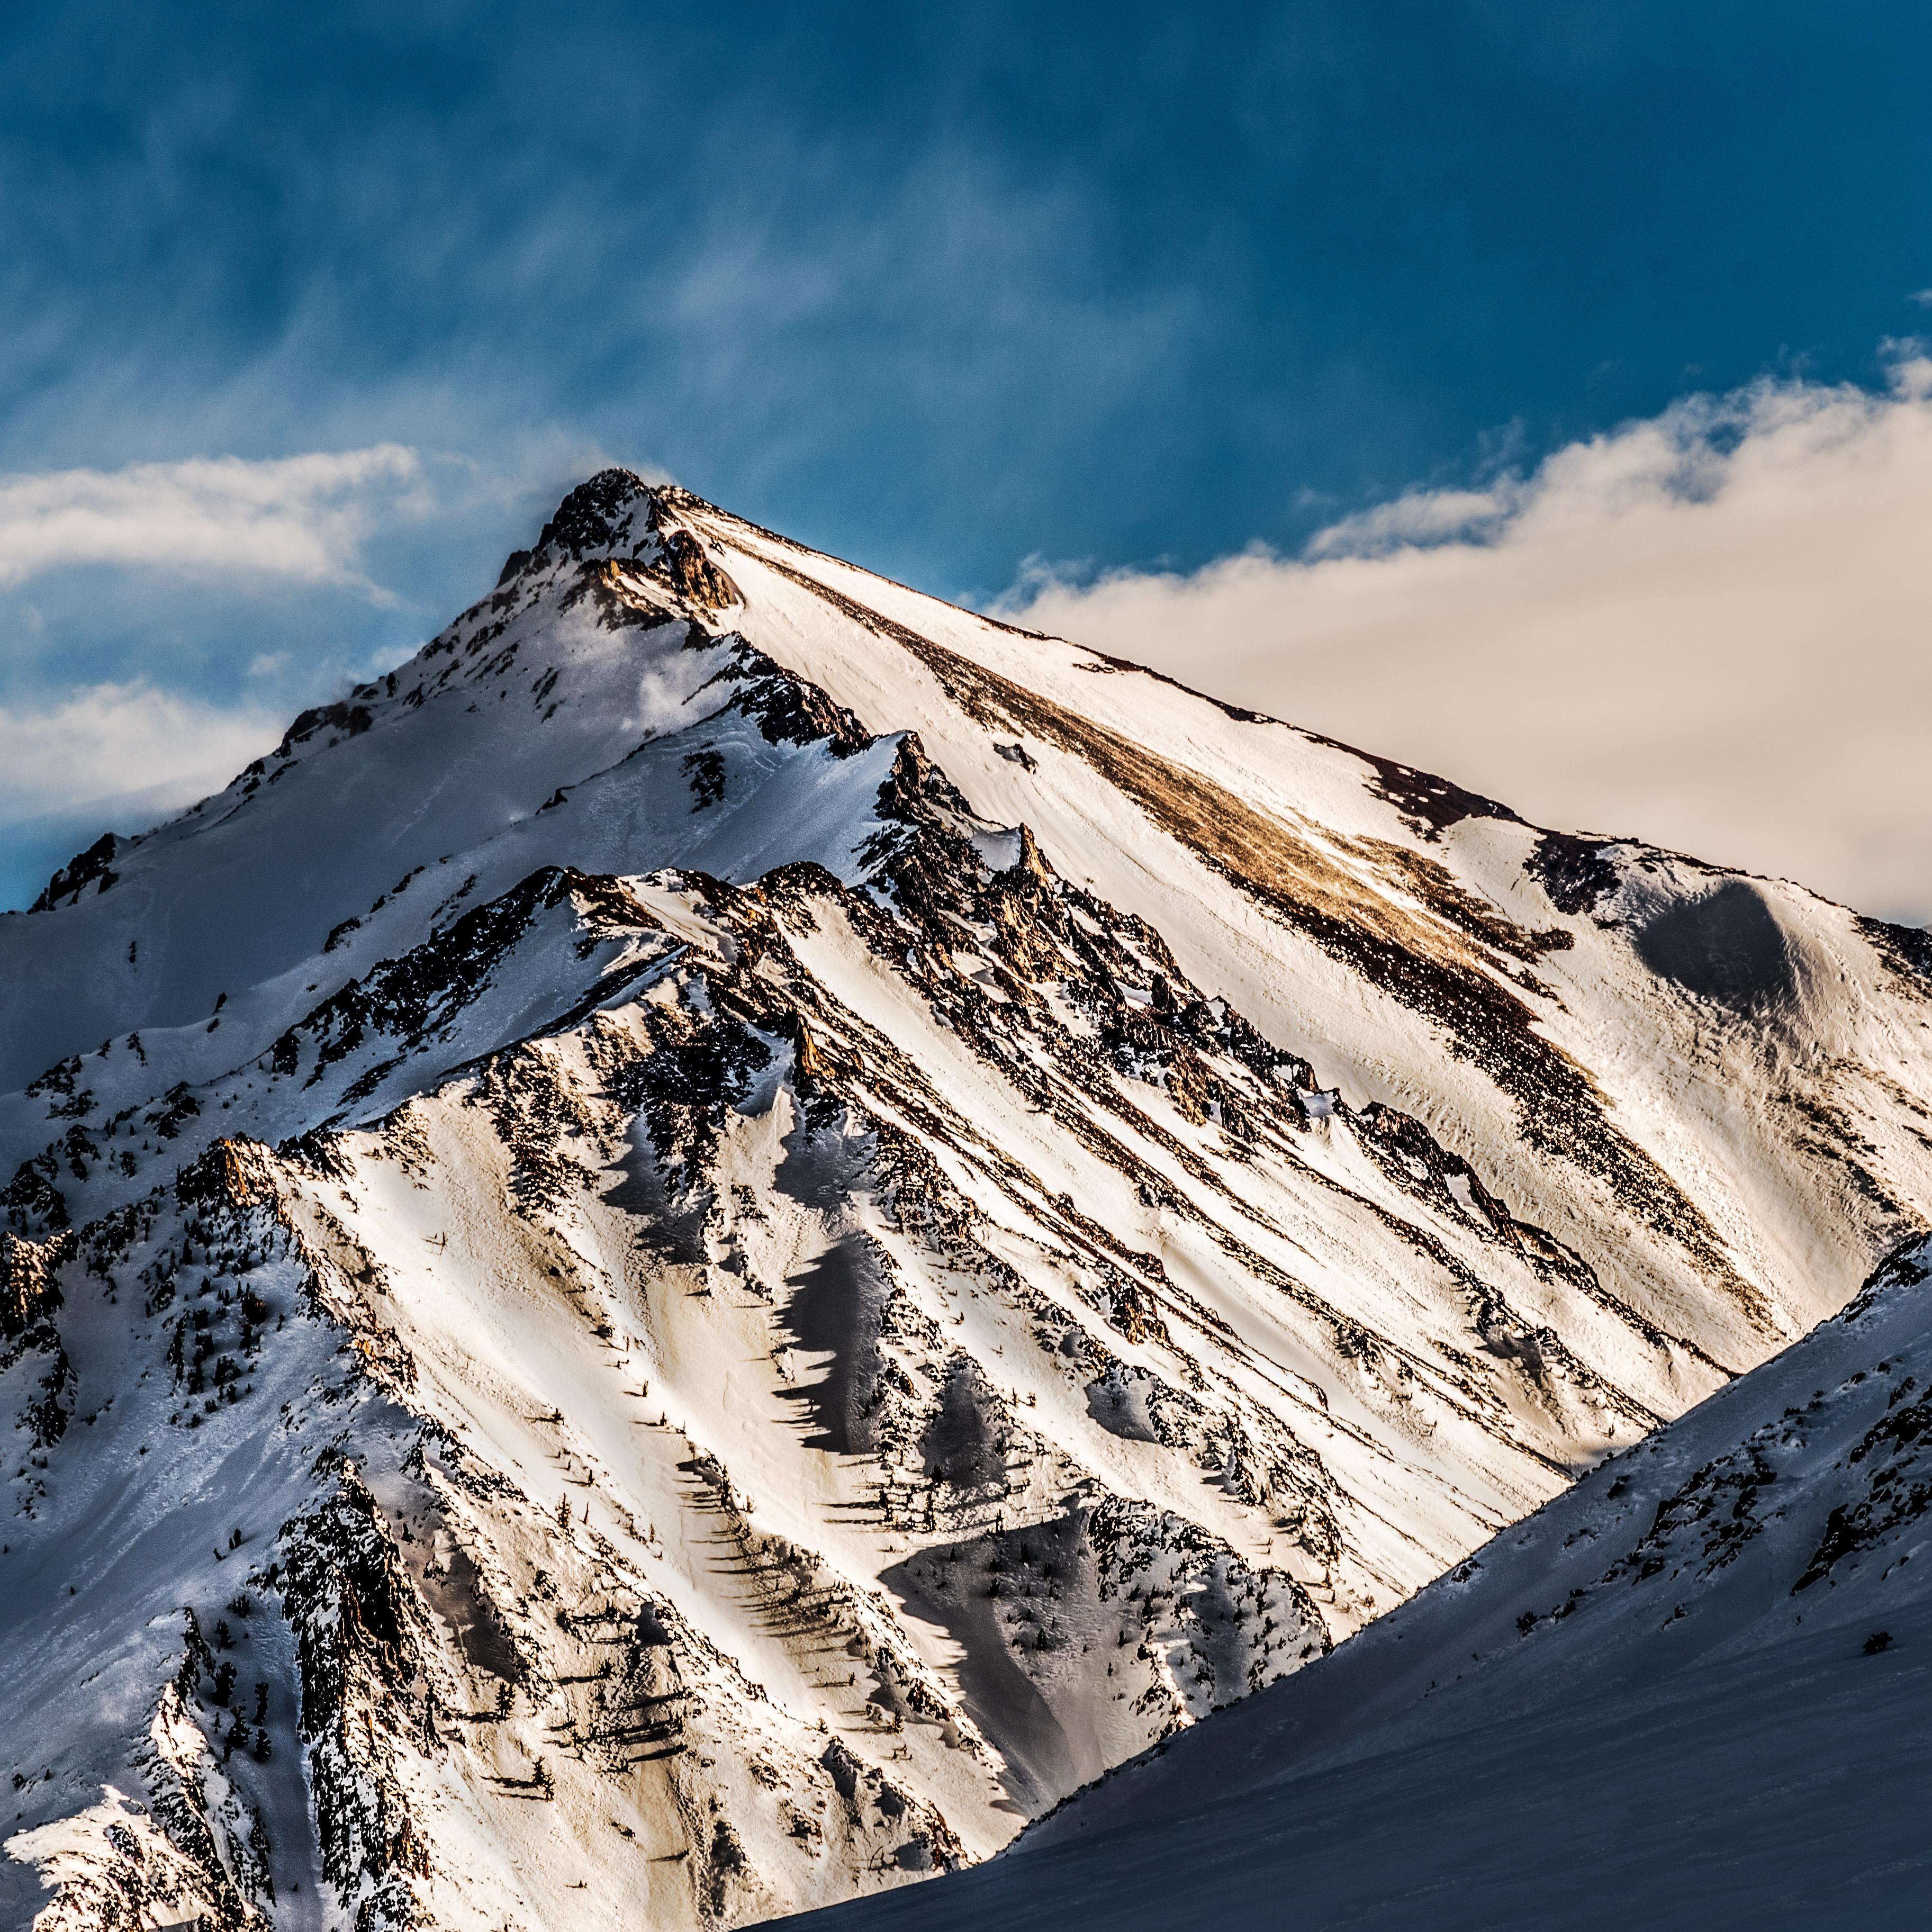 Canva - Snowy Mountain Peak